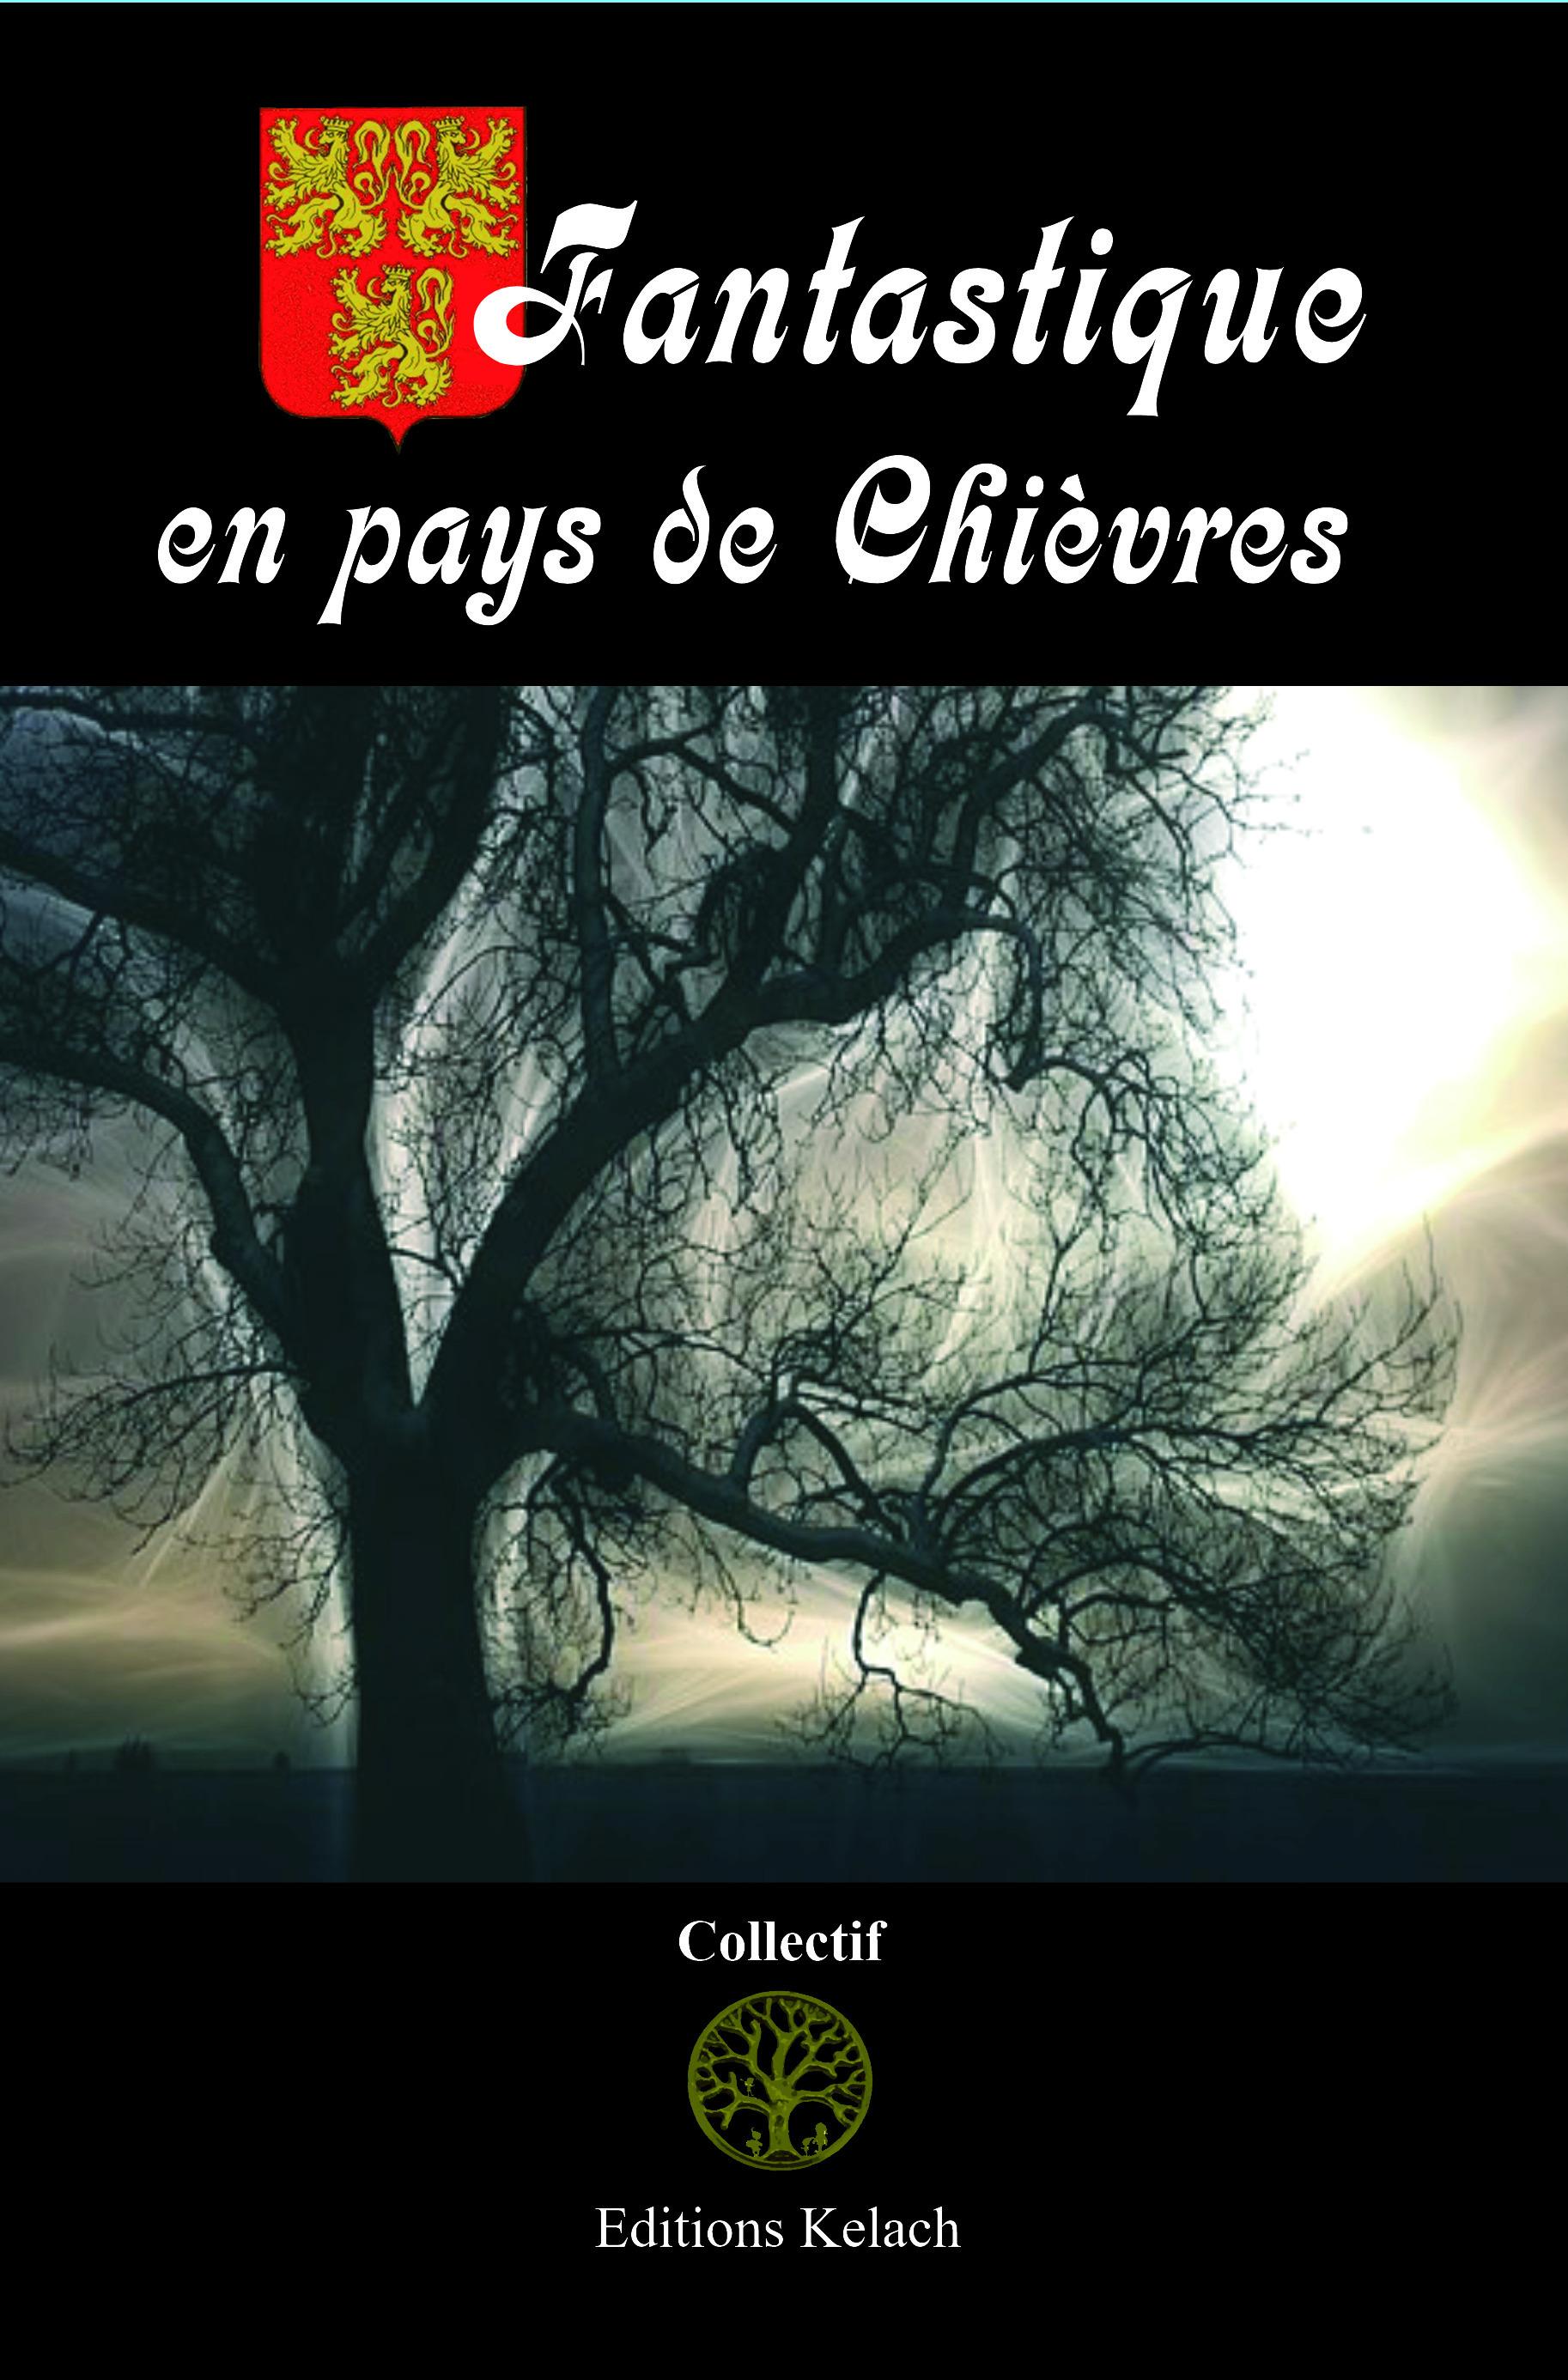 Fantastique en pays de Chièvres  - Constant Vincent  - Stéphane Triquoit  - Vendarion d'Orépée  - Eglantine Gossuin